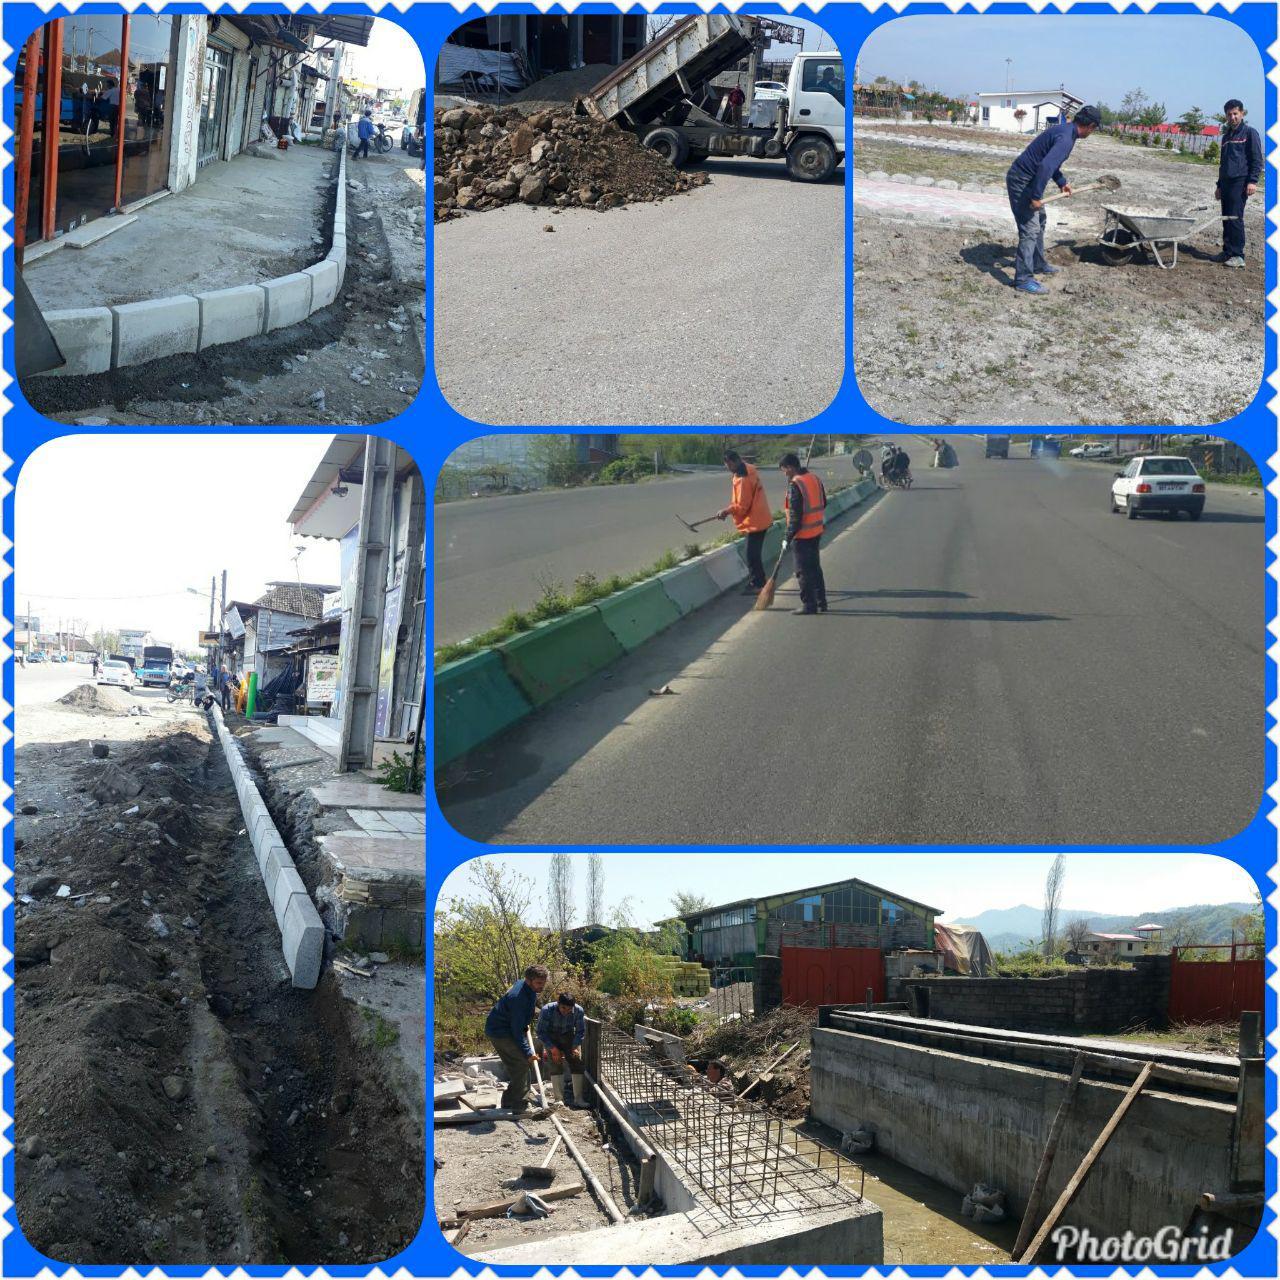 ادامه پروژه های شهرداری چوبر